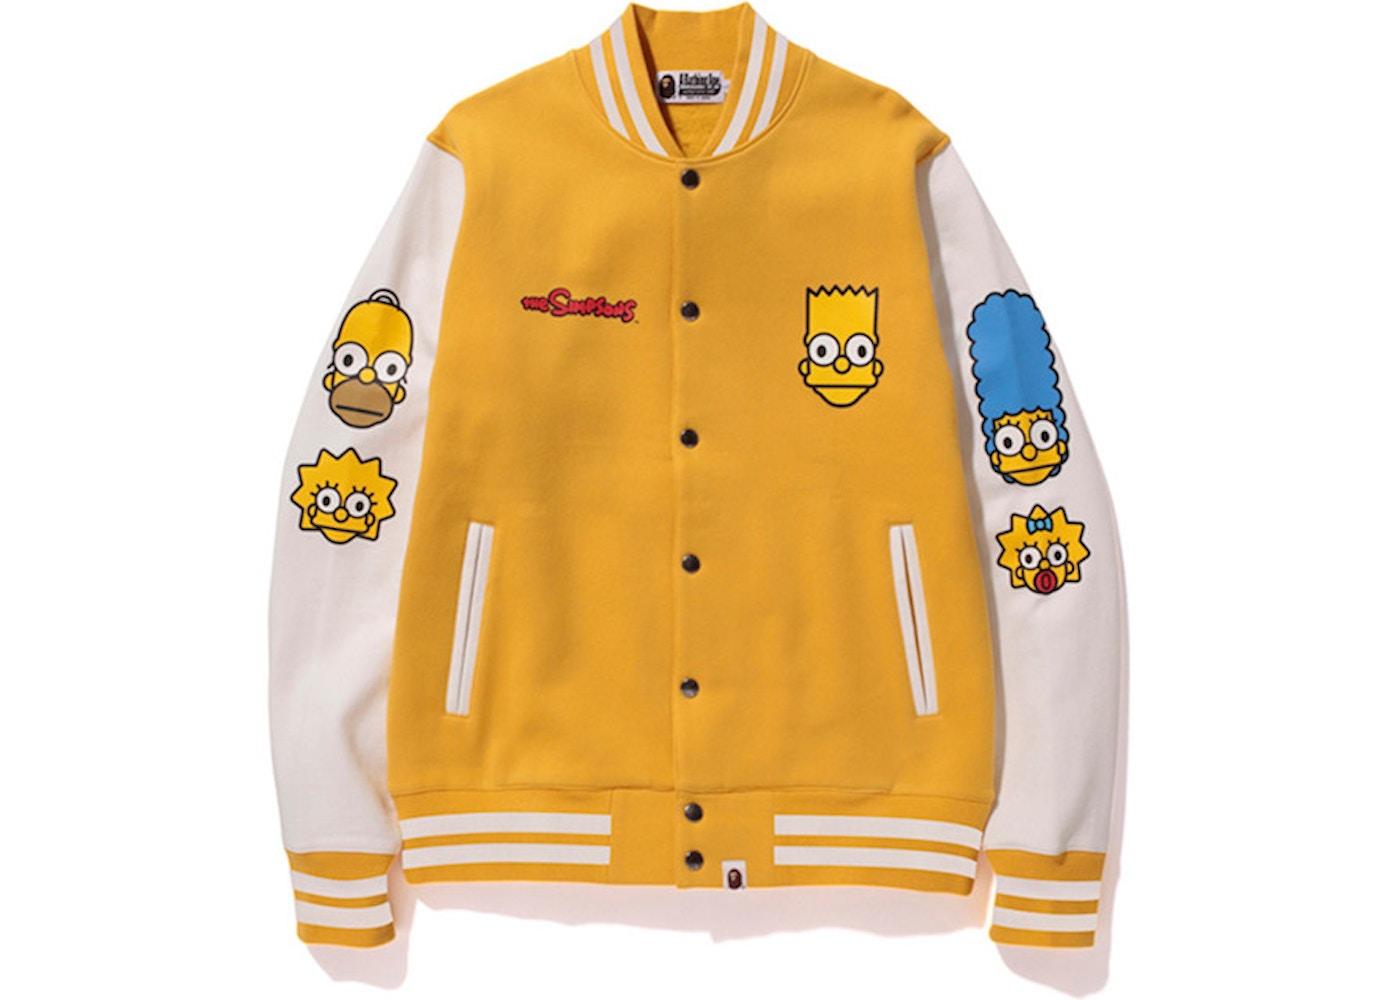 32466c2d73a9 BAPE X The Simpsons Baby Milo Varsity Jacket Yellow - FW14